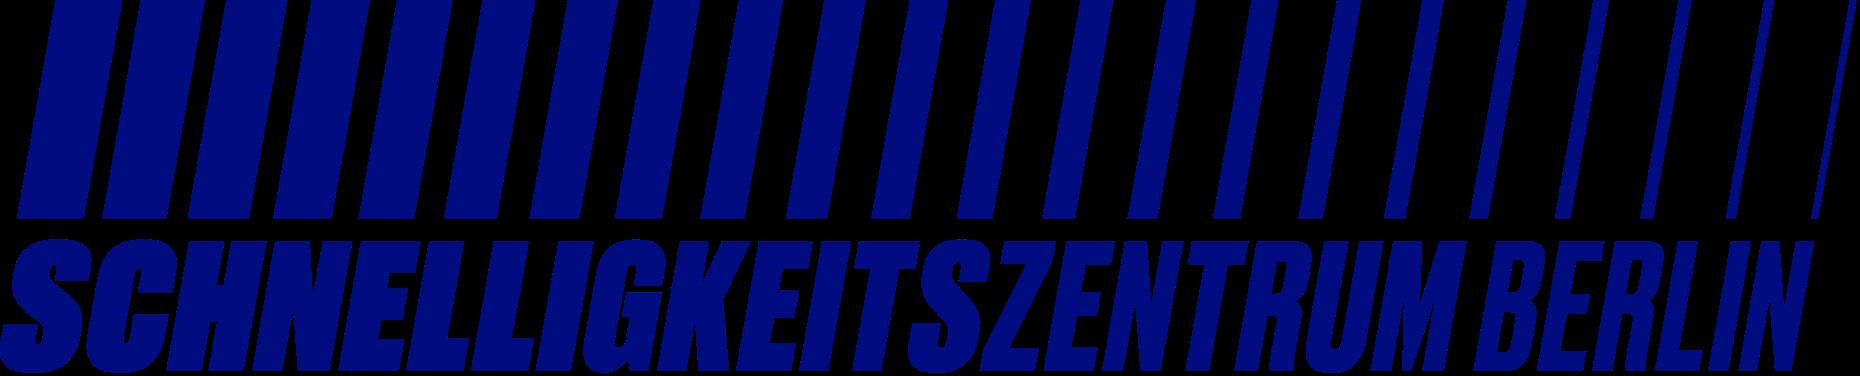 Logo Schnelligkeitszentrum